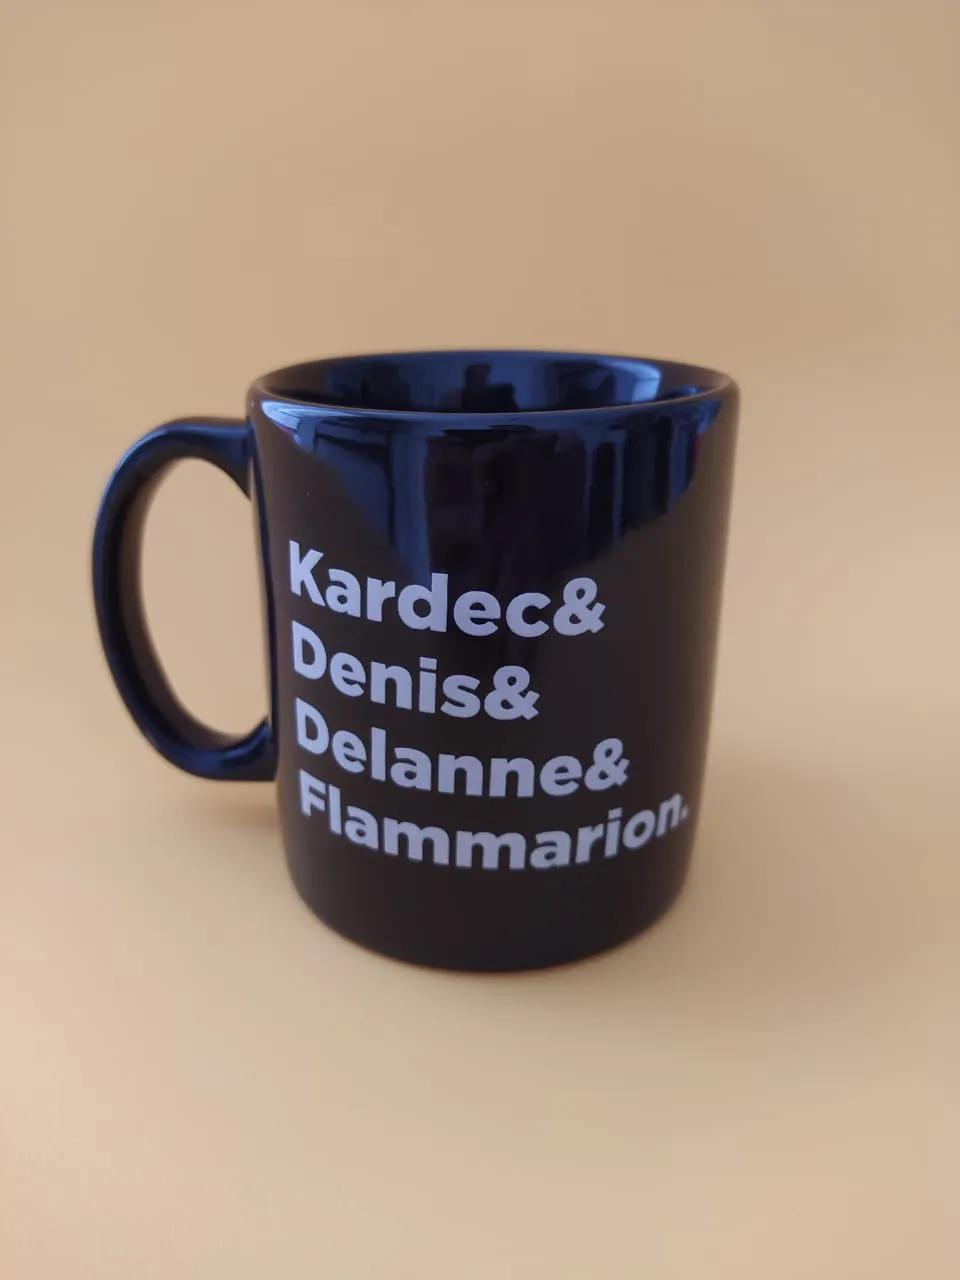 Caneca Kardec & Denis & Delanne & Flammarion